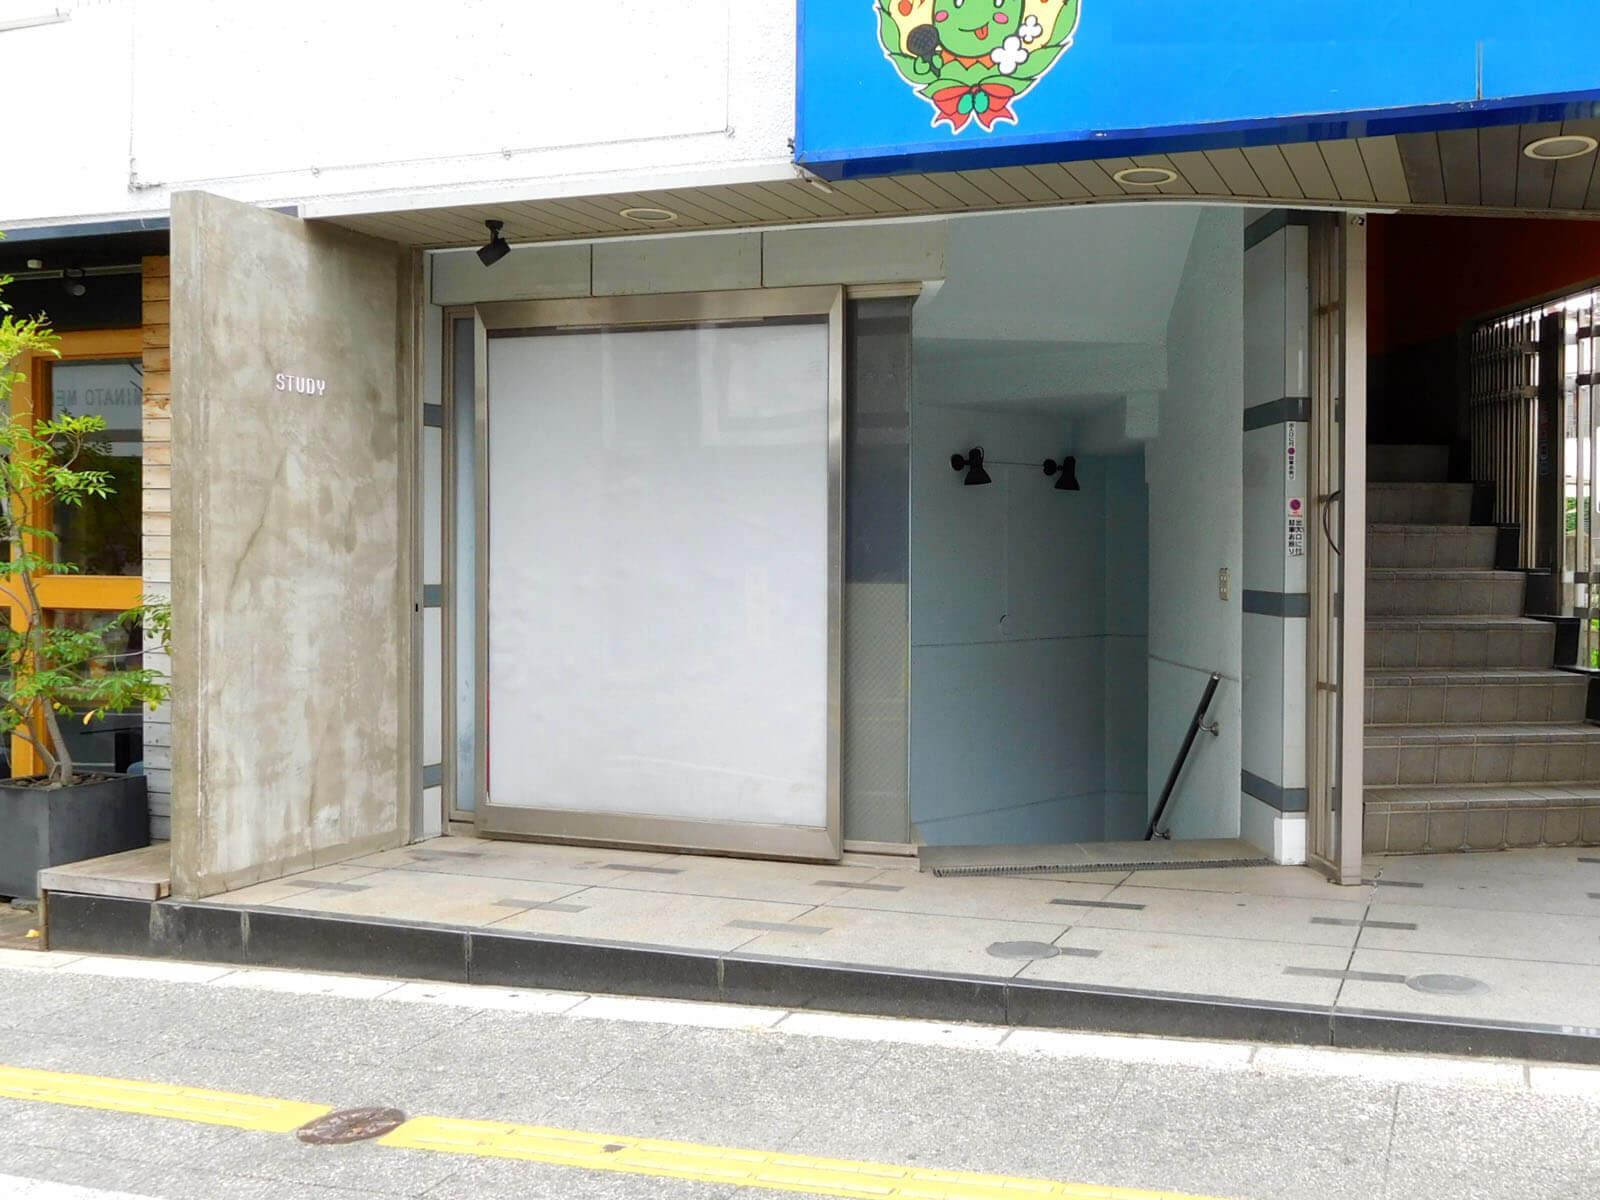 地下店舗の入口はこちら。いい顔つくりましょう!